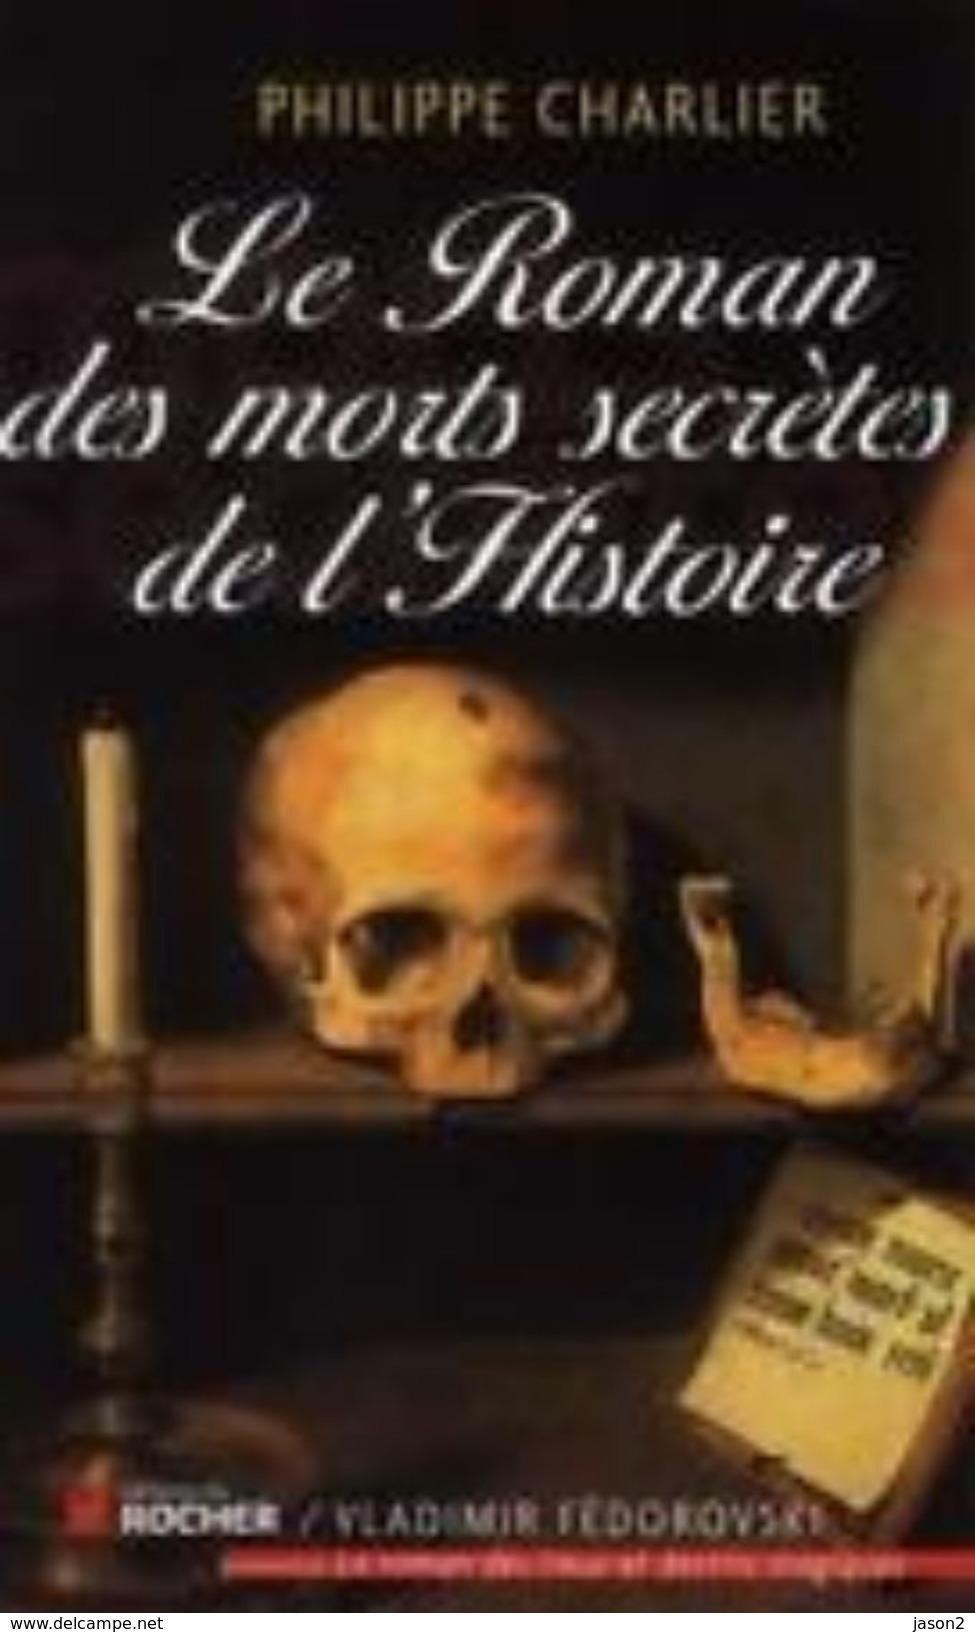 Philippe Charlier Le Roman Des Morts Secretes De L'histoire 2011 EO - Histoire